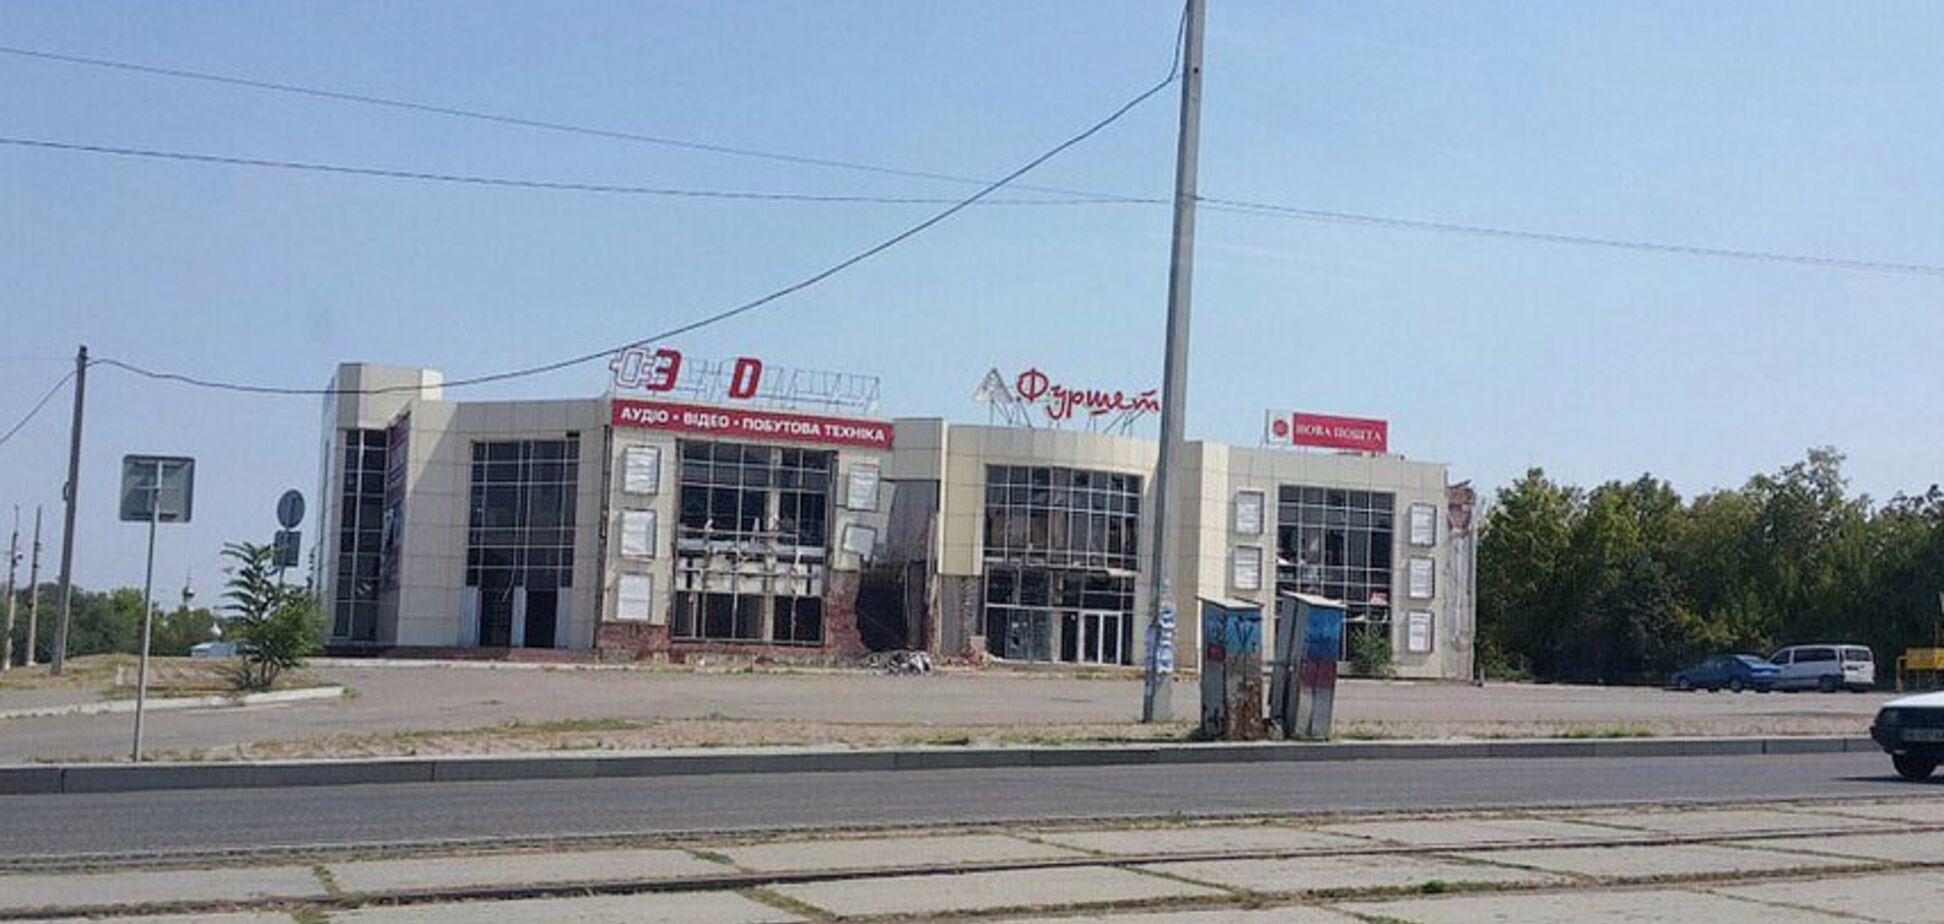 'Начинает напоминать Припять': в сети показали ужасы Луганска под оккупацией